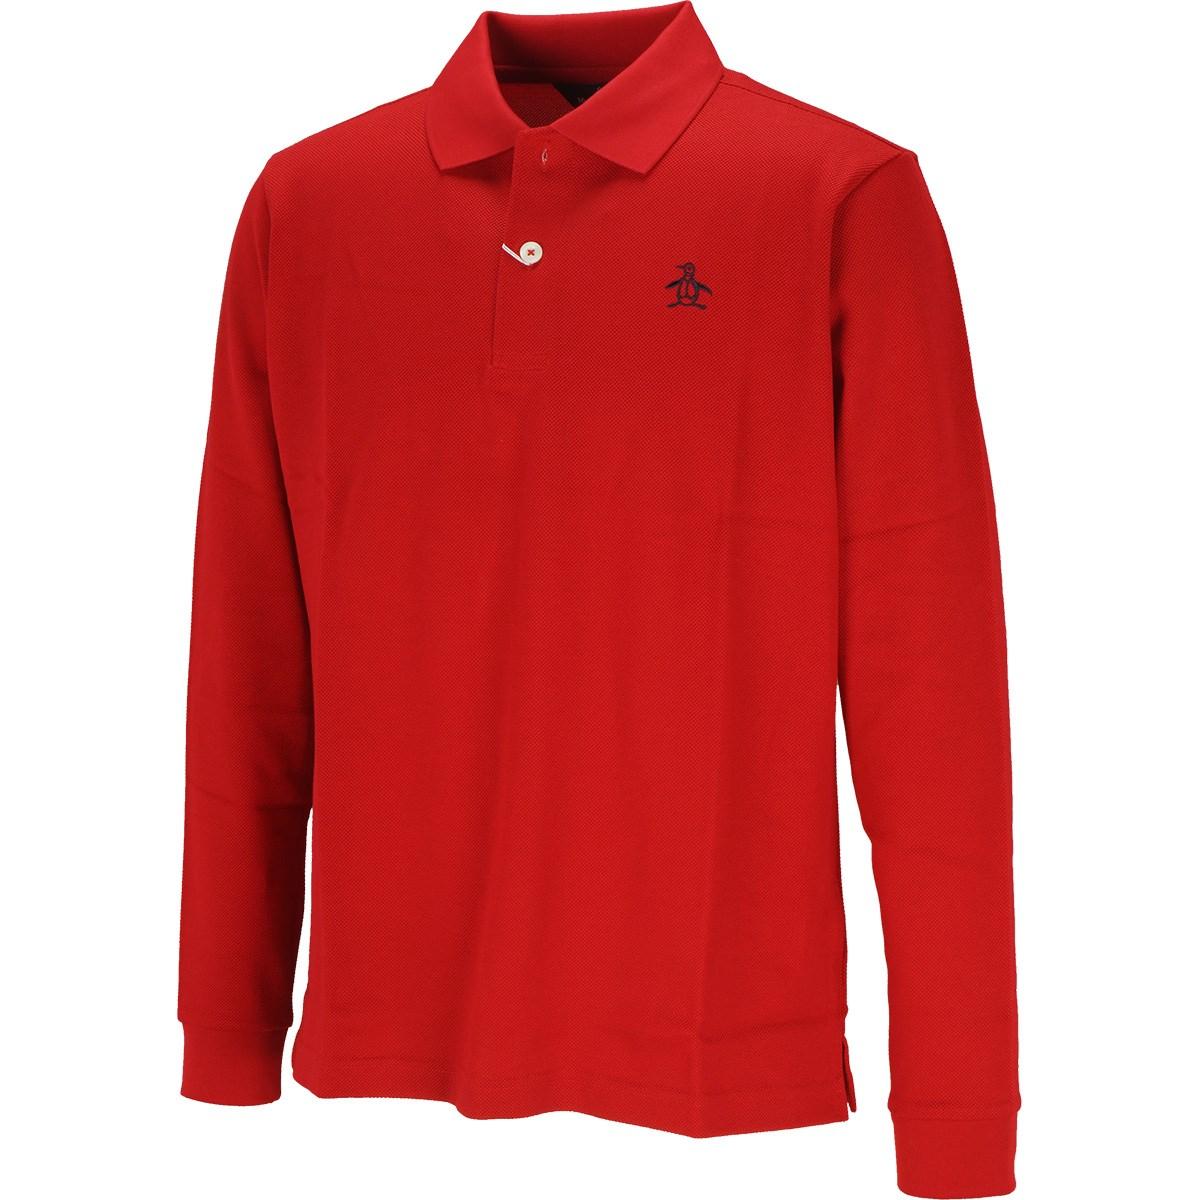 マンシングウェア Munsingwear ONE THING マナードリトルピート 長袖ポロシャツ M レッド 00